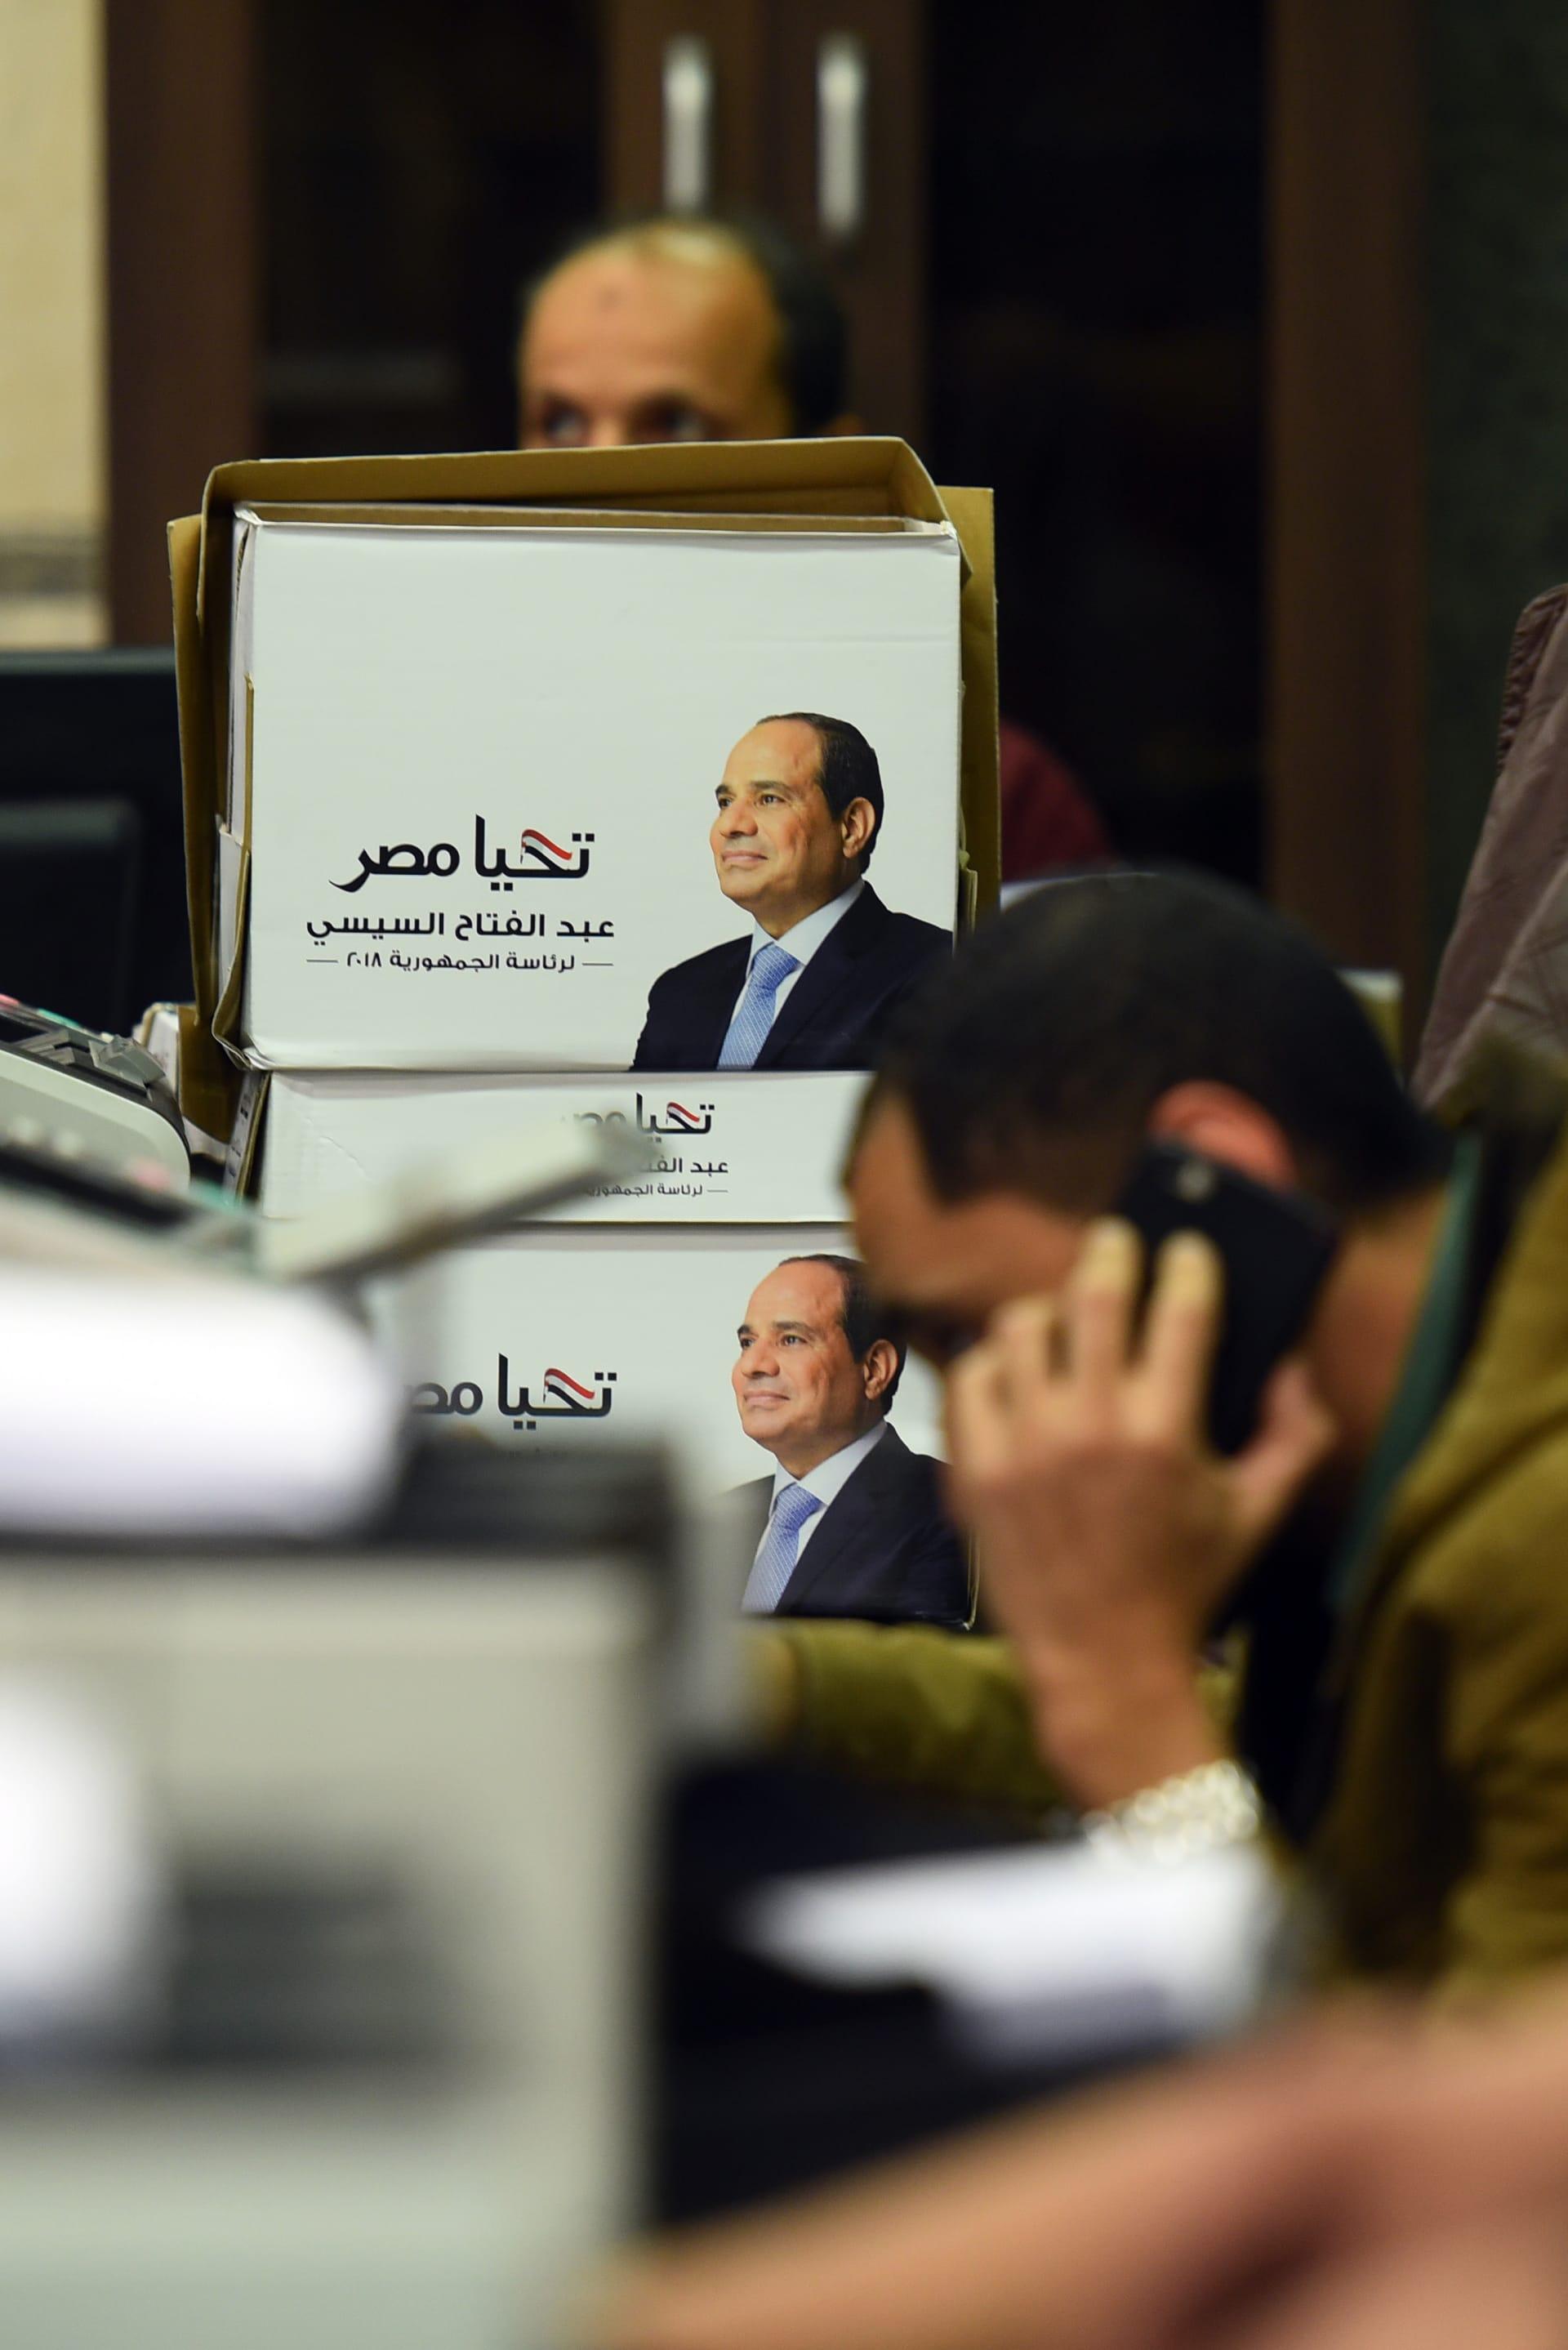 مصر: وسط دعوات المقاطعة.. فتاوى تحرّم الامتناع عن التصويت